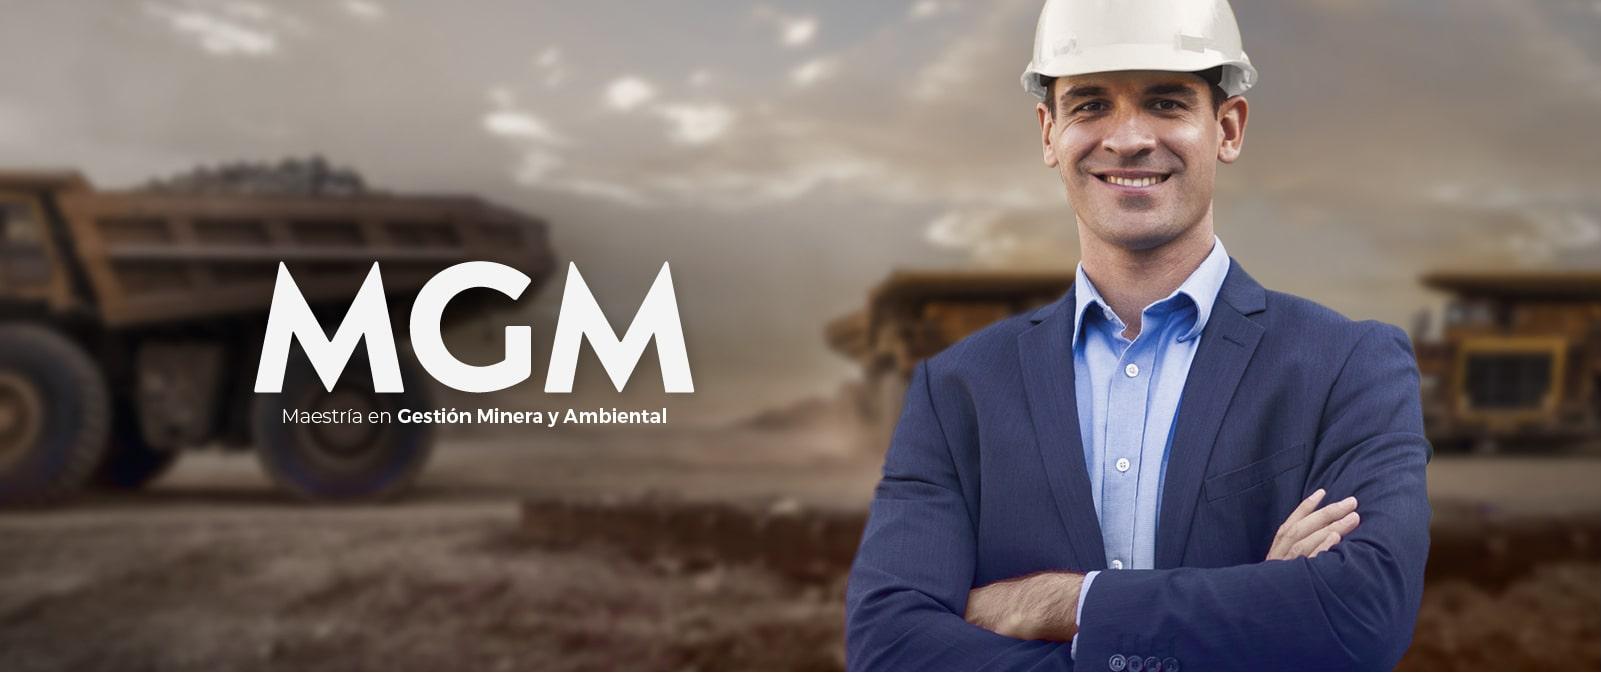 Maestría en Gestión Minera y Ambiental Online